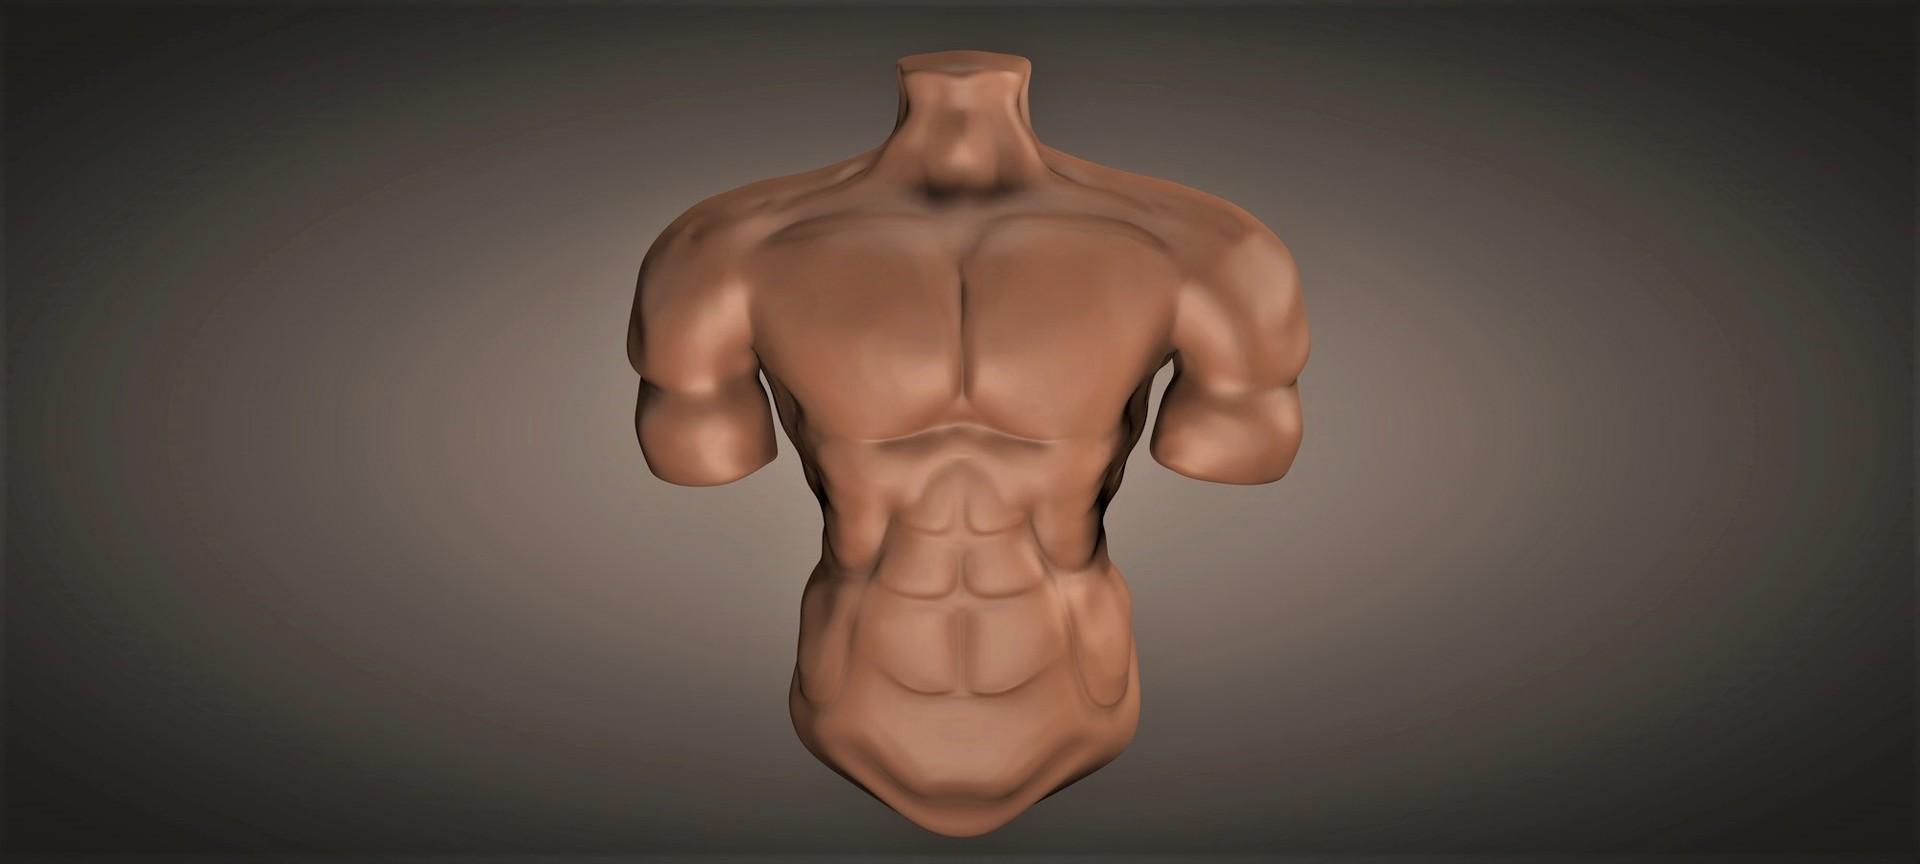 Viviana alvarado torso masculino